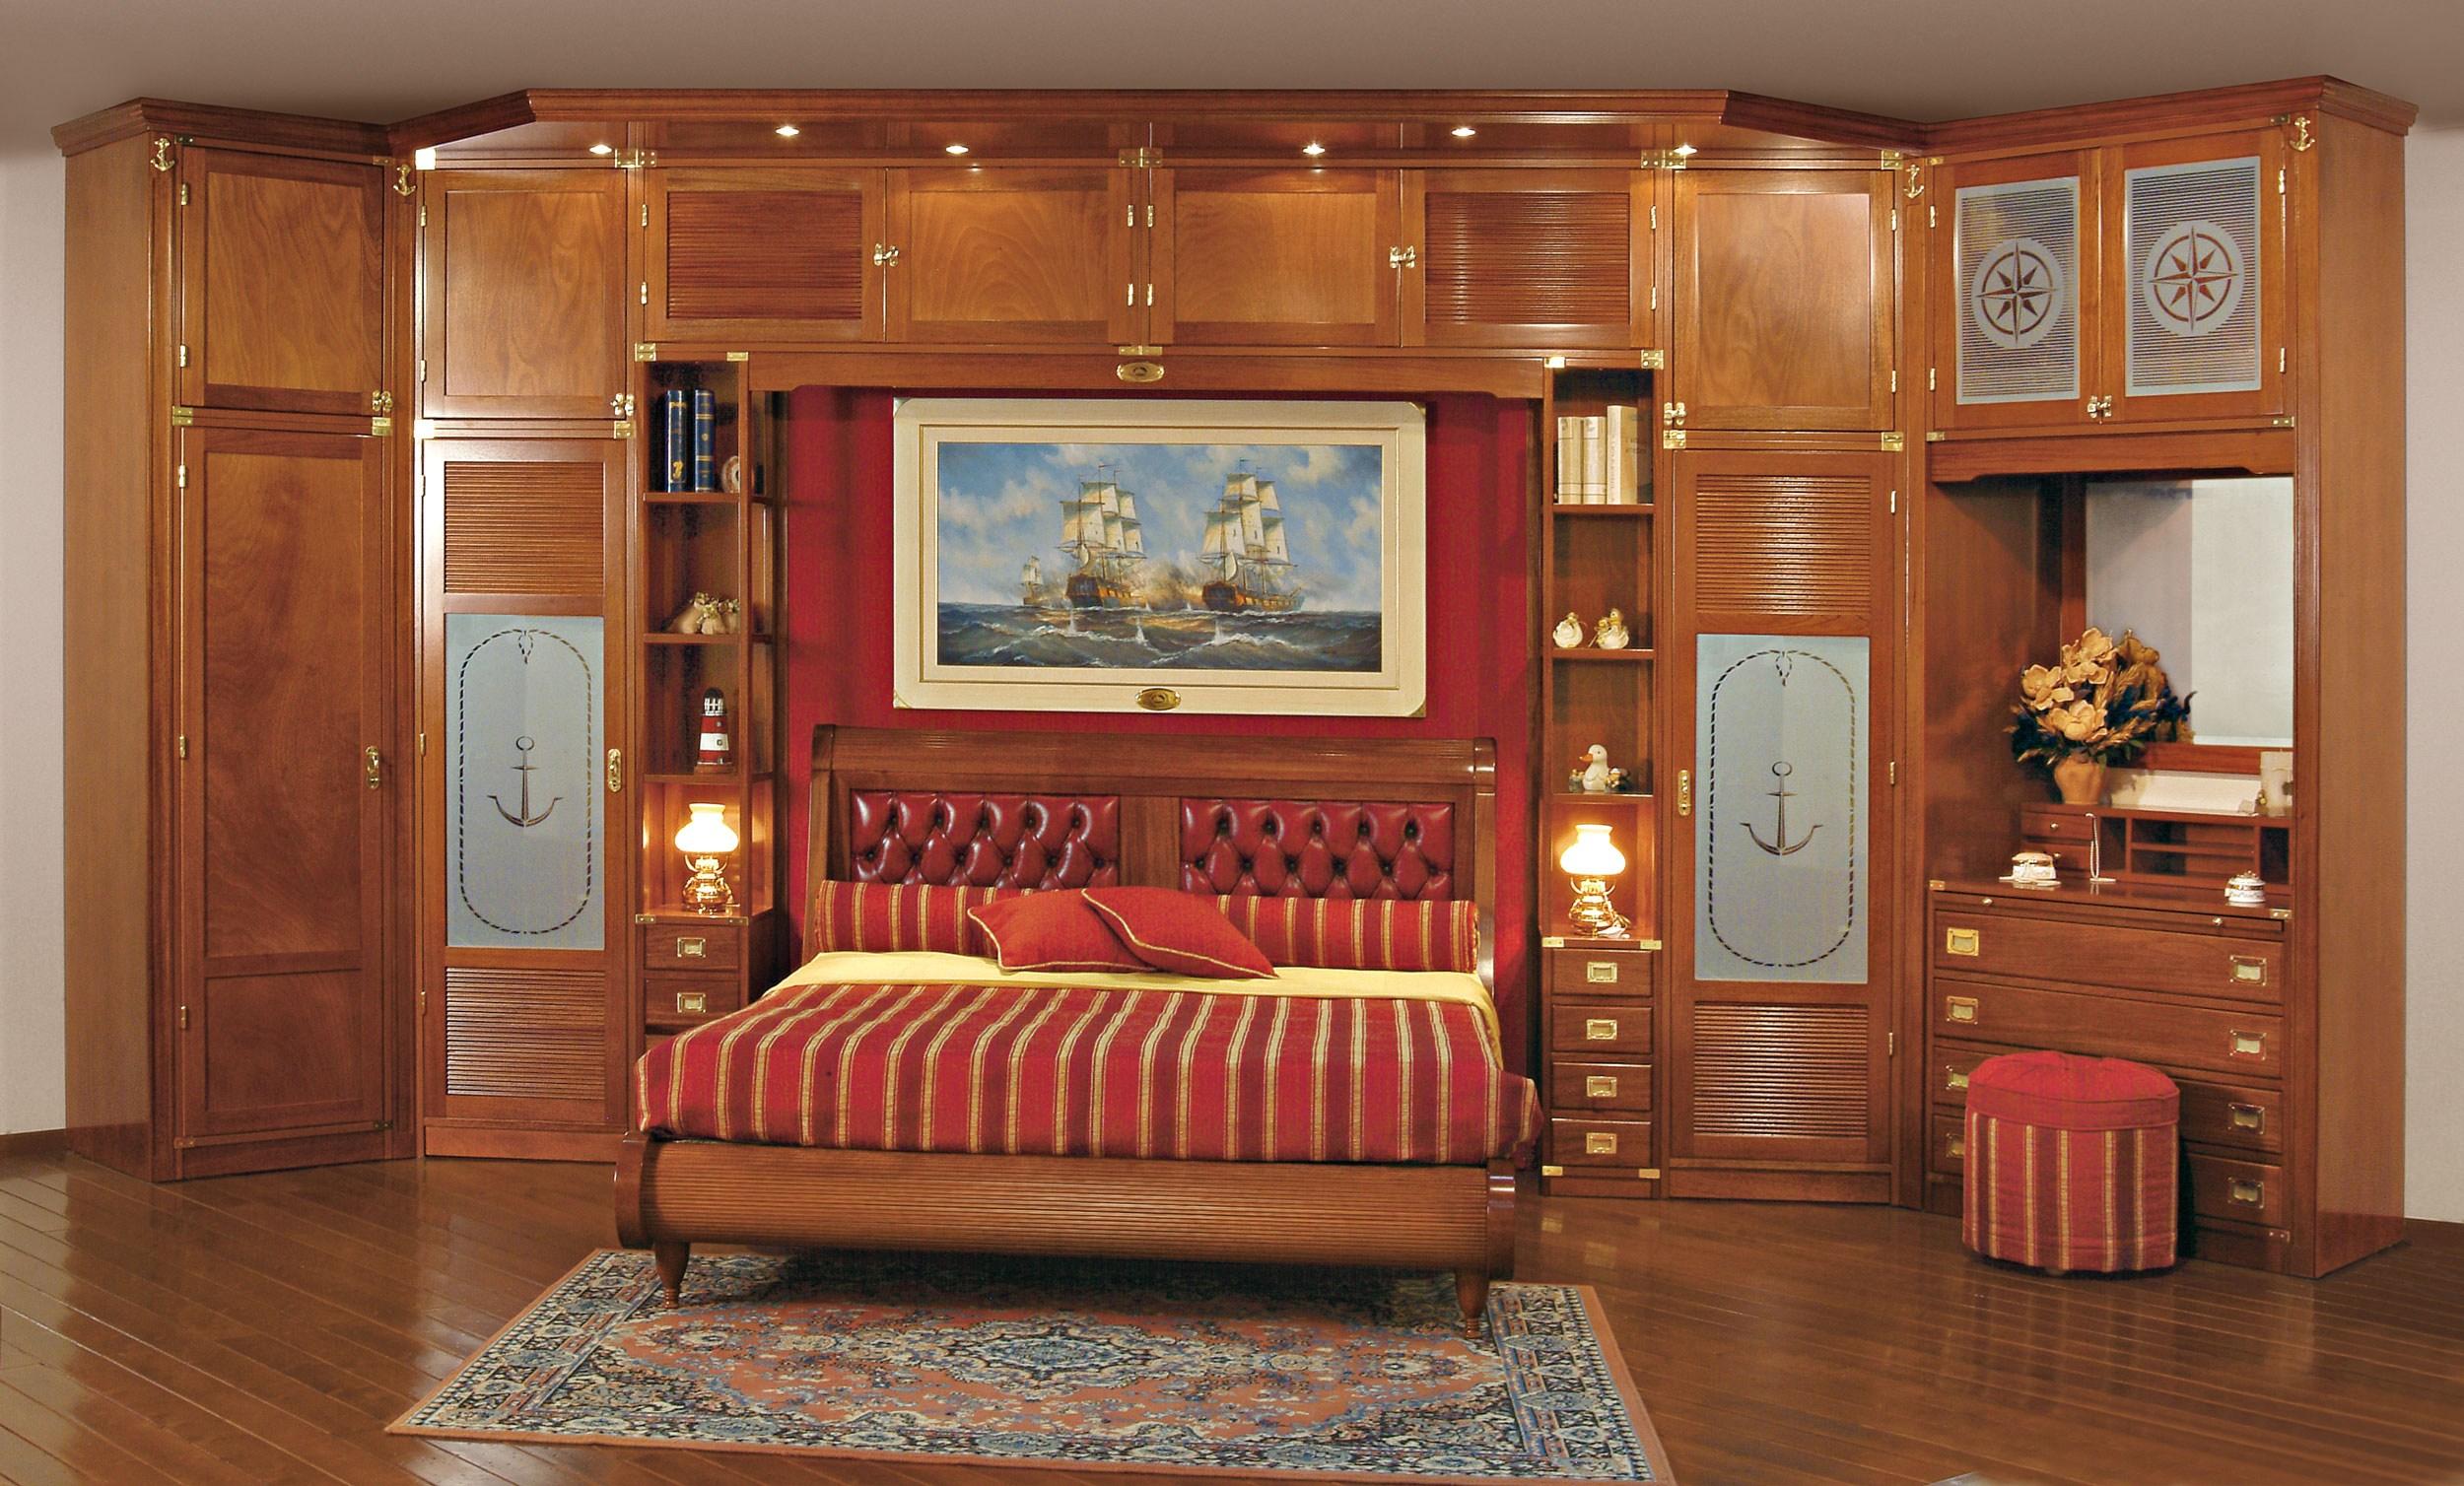 Спальня (гарнитур для спальни) с системой хранения vecchia m.